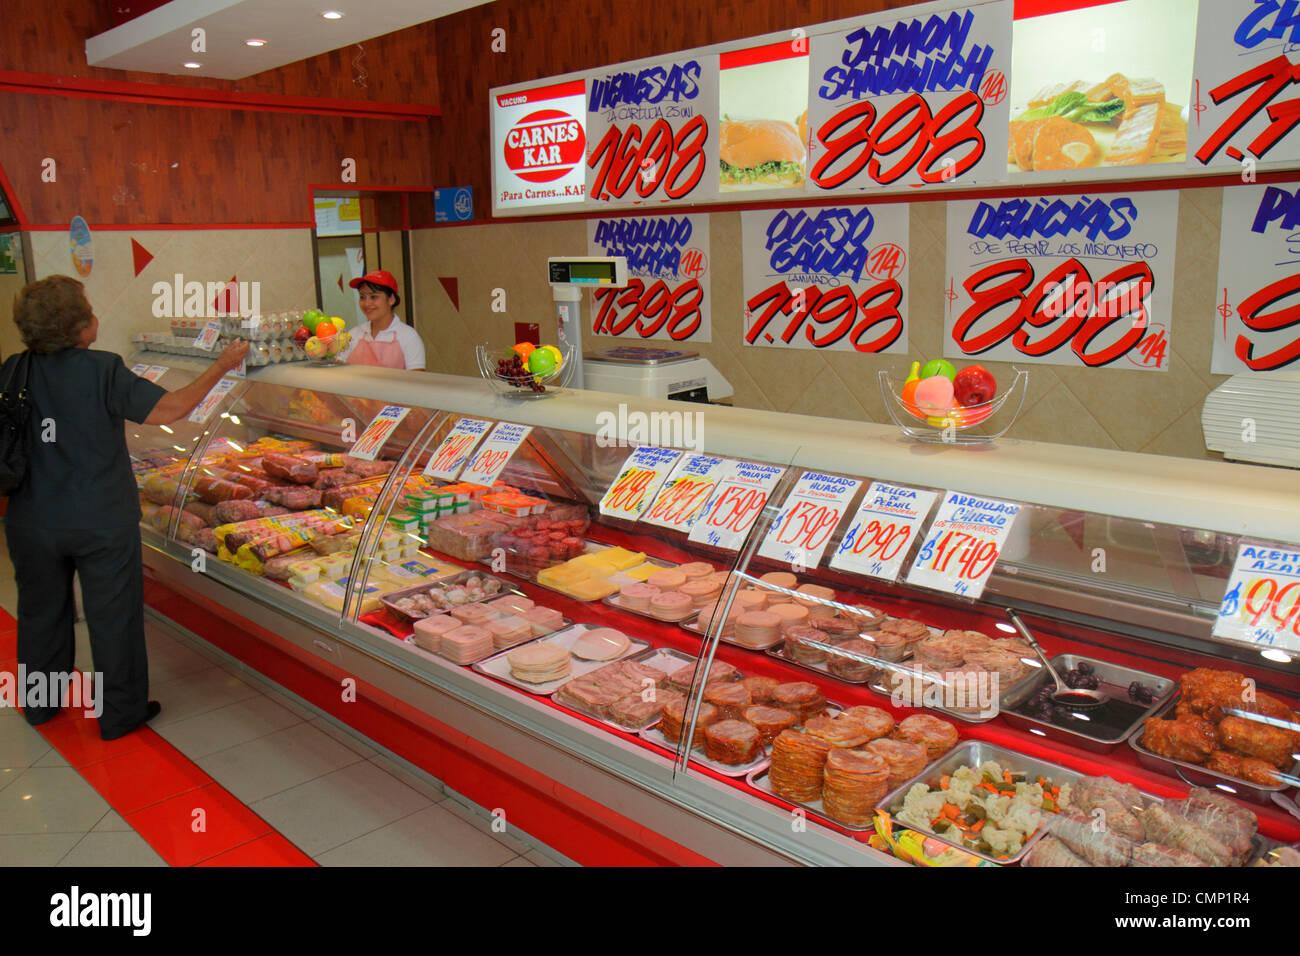 Chile Arica Paseo Peatonal 21 De Mayo Business Shopping Carnes Kar Deli Delicatessen Counter Cold Cuts Ham Salads Cheese Prepare